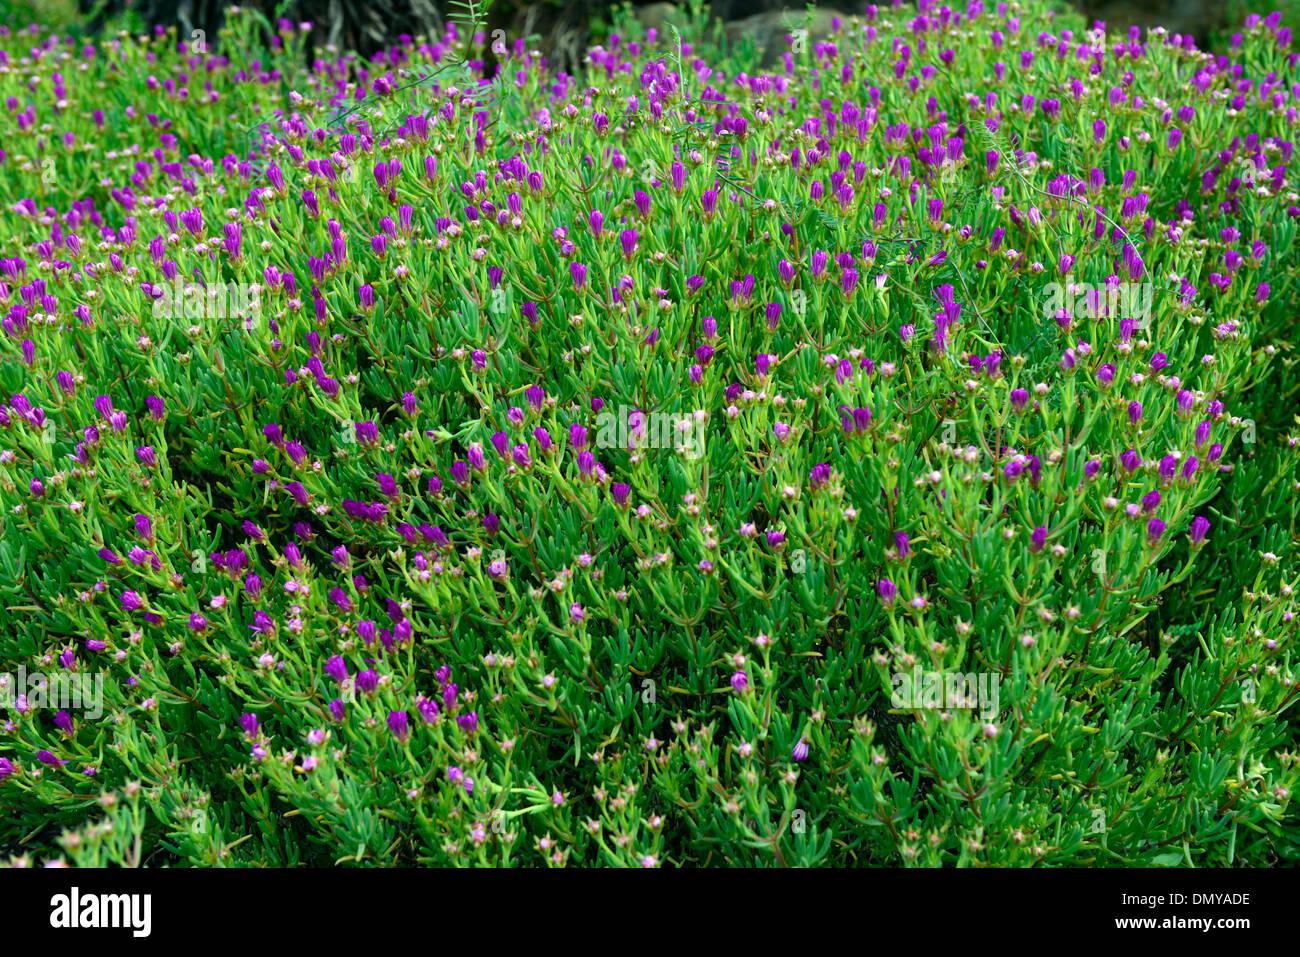 lampranthus amoenus Showy Vygie Flowers pink purple bloom blooming - Stock Image